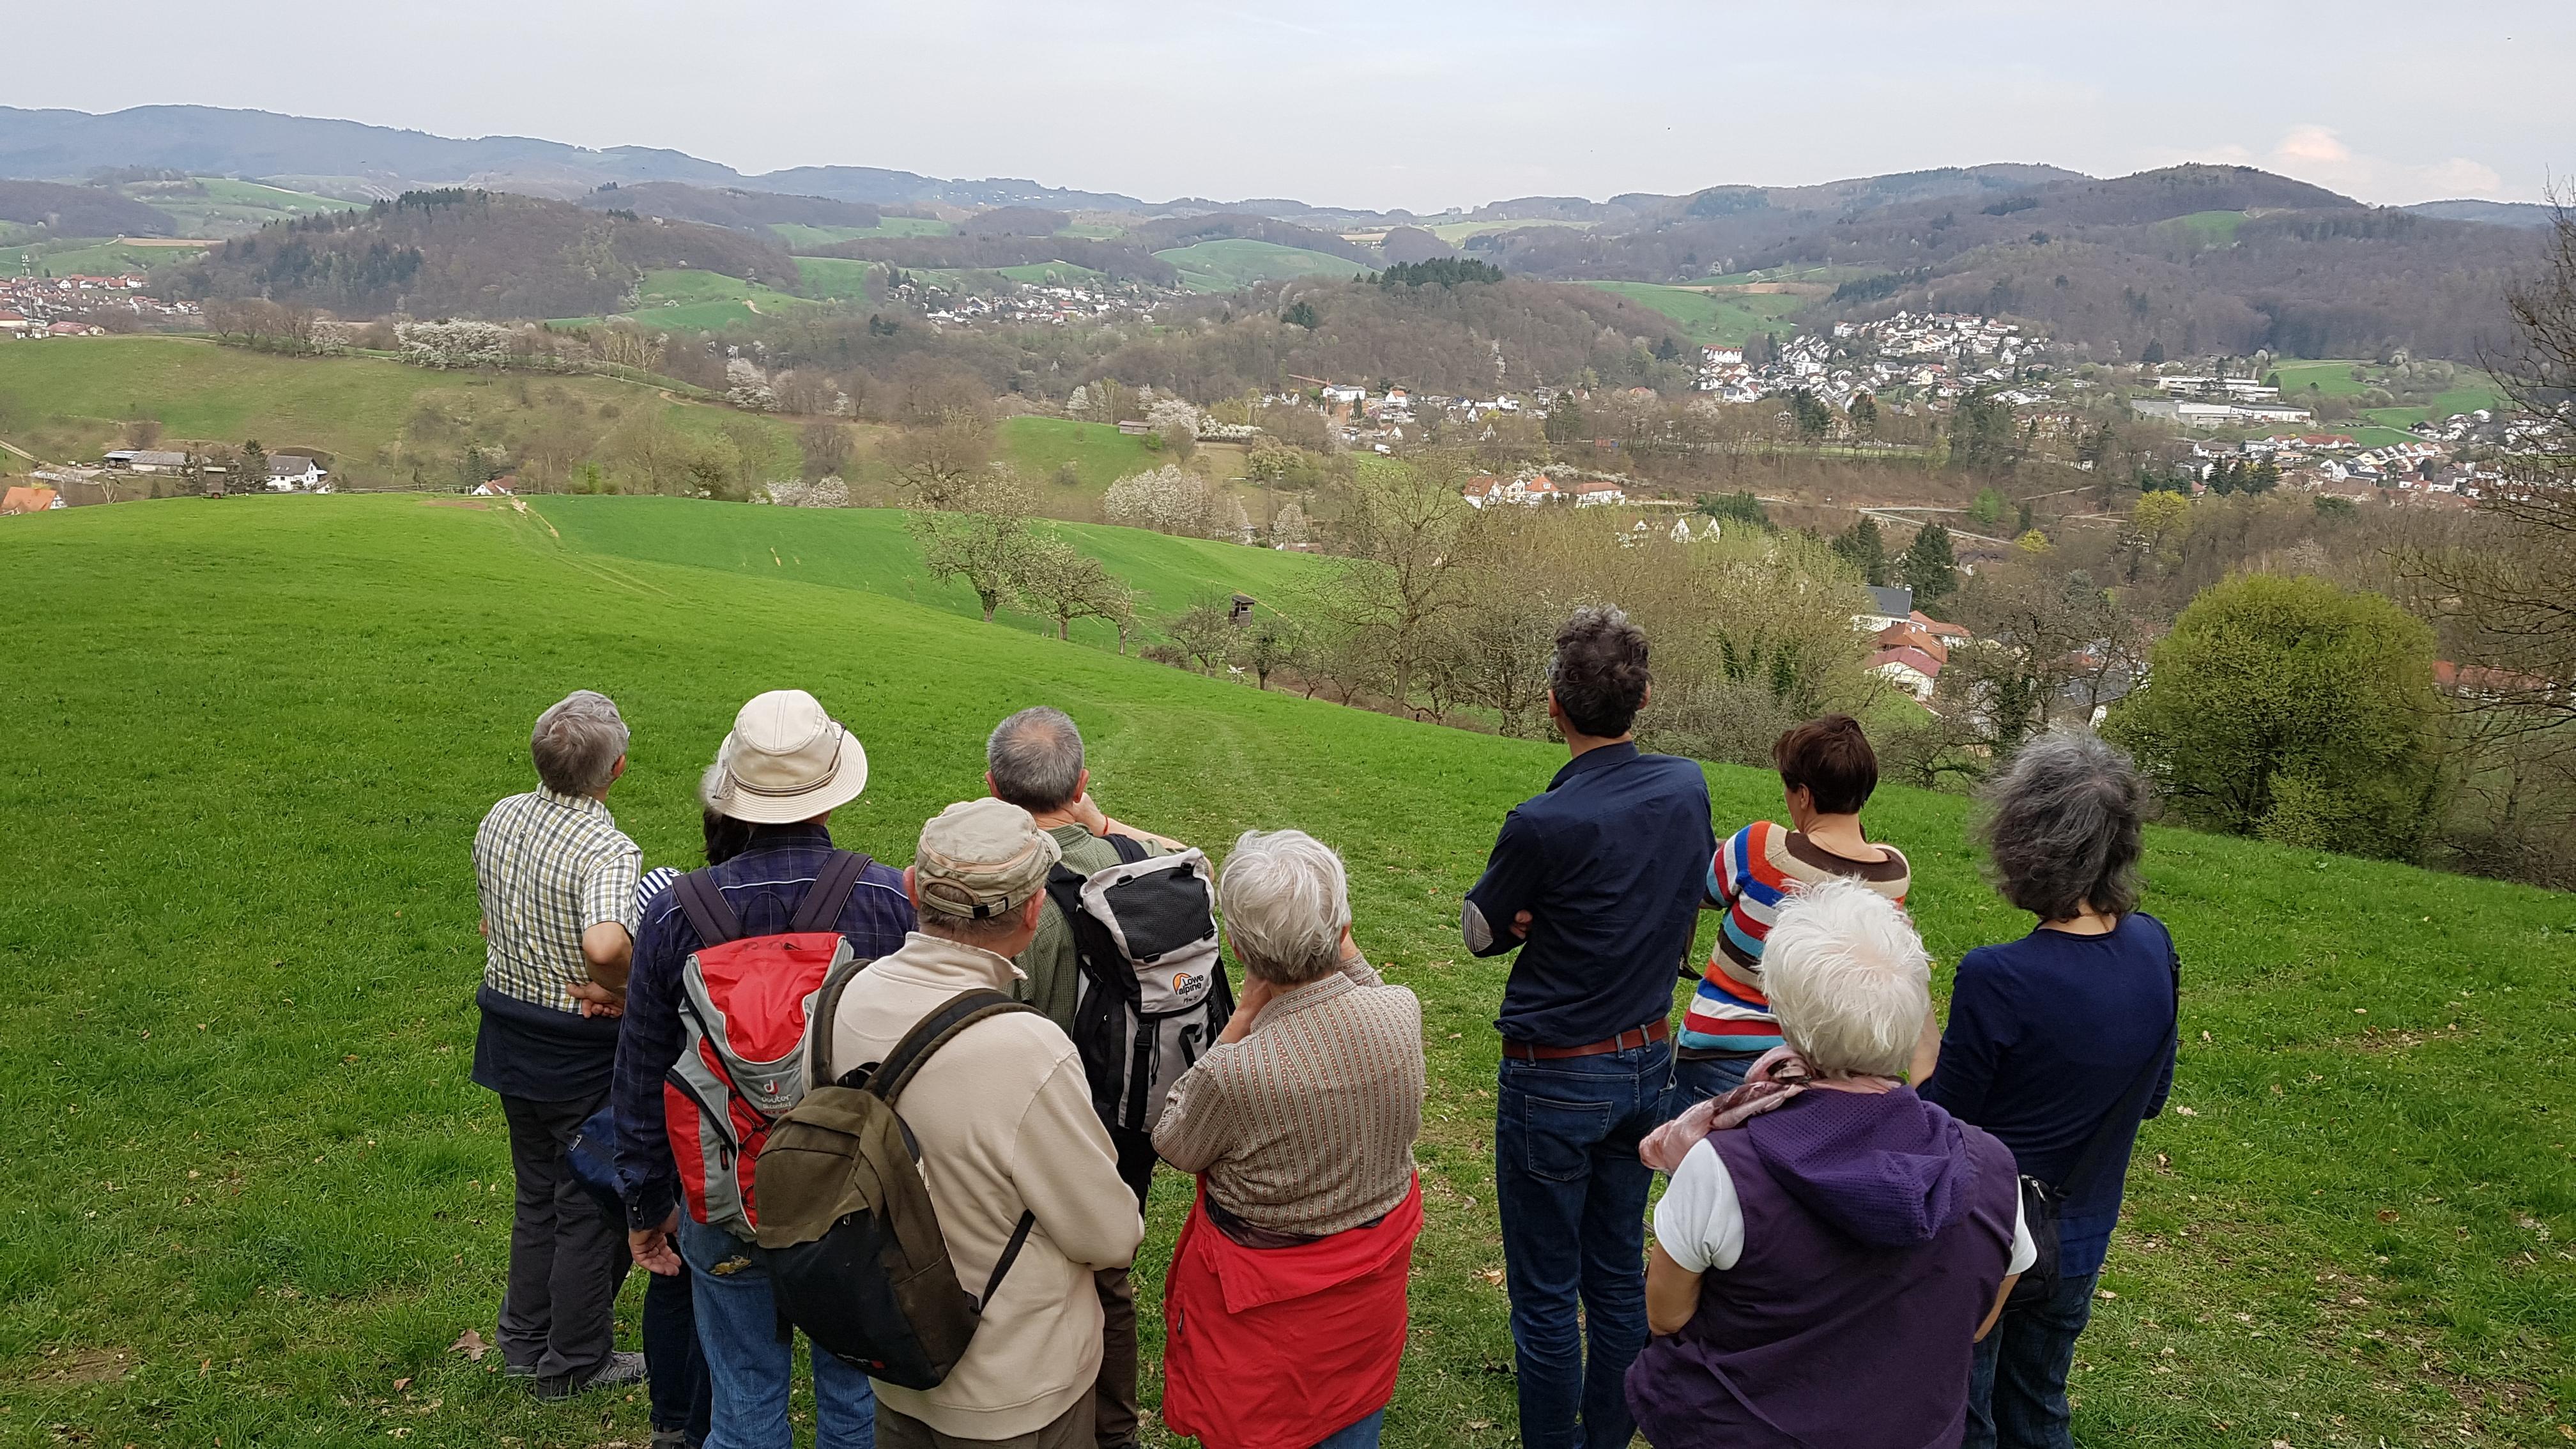 Naturspaziergang - Blick auf Weschnitztal